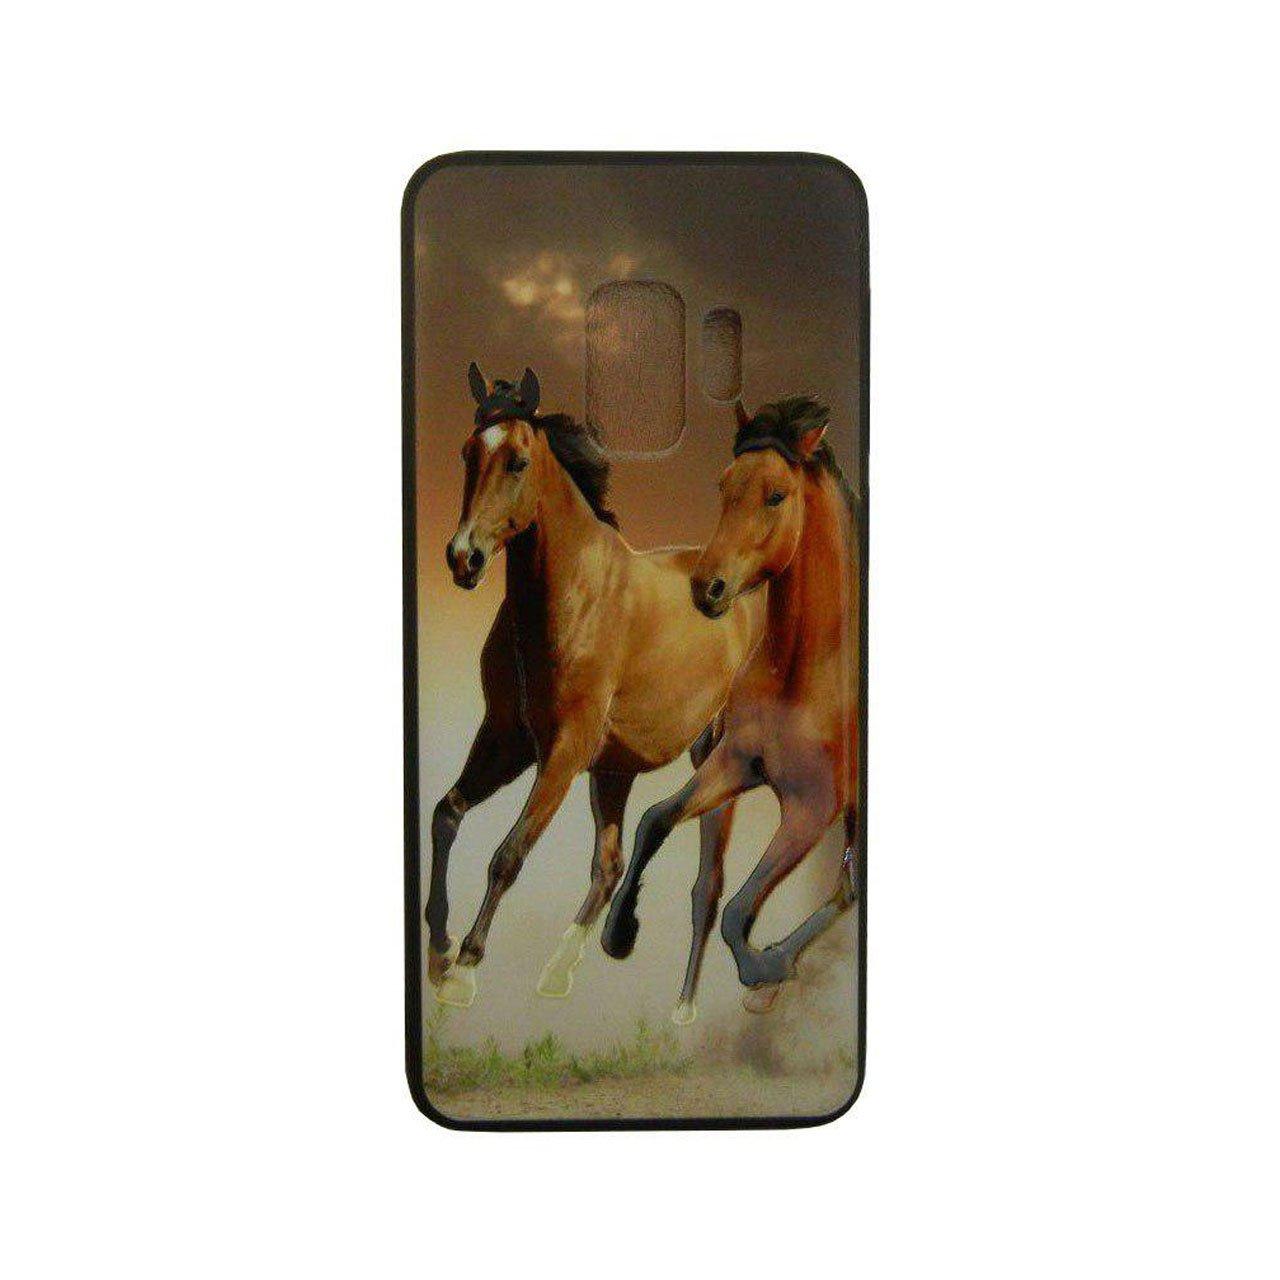 کاور موبایل مناسب برای سامسونگ S9